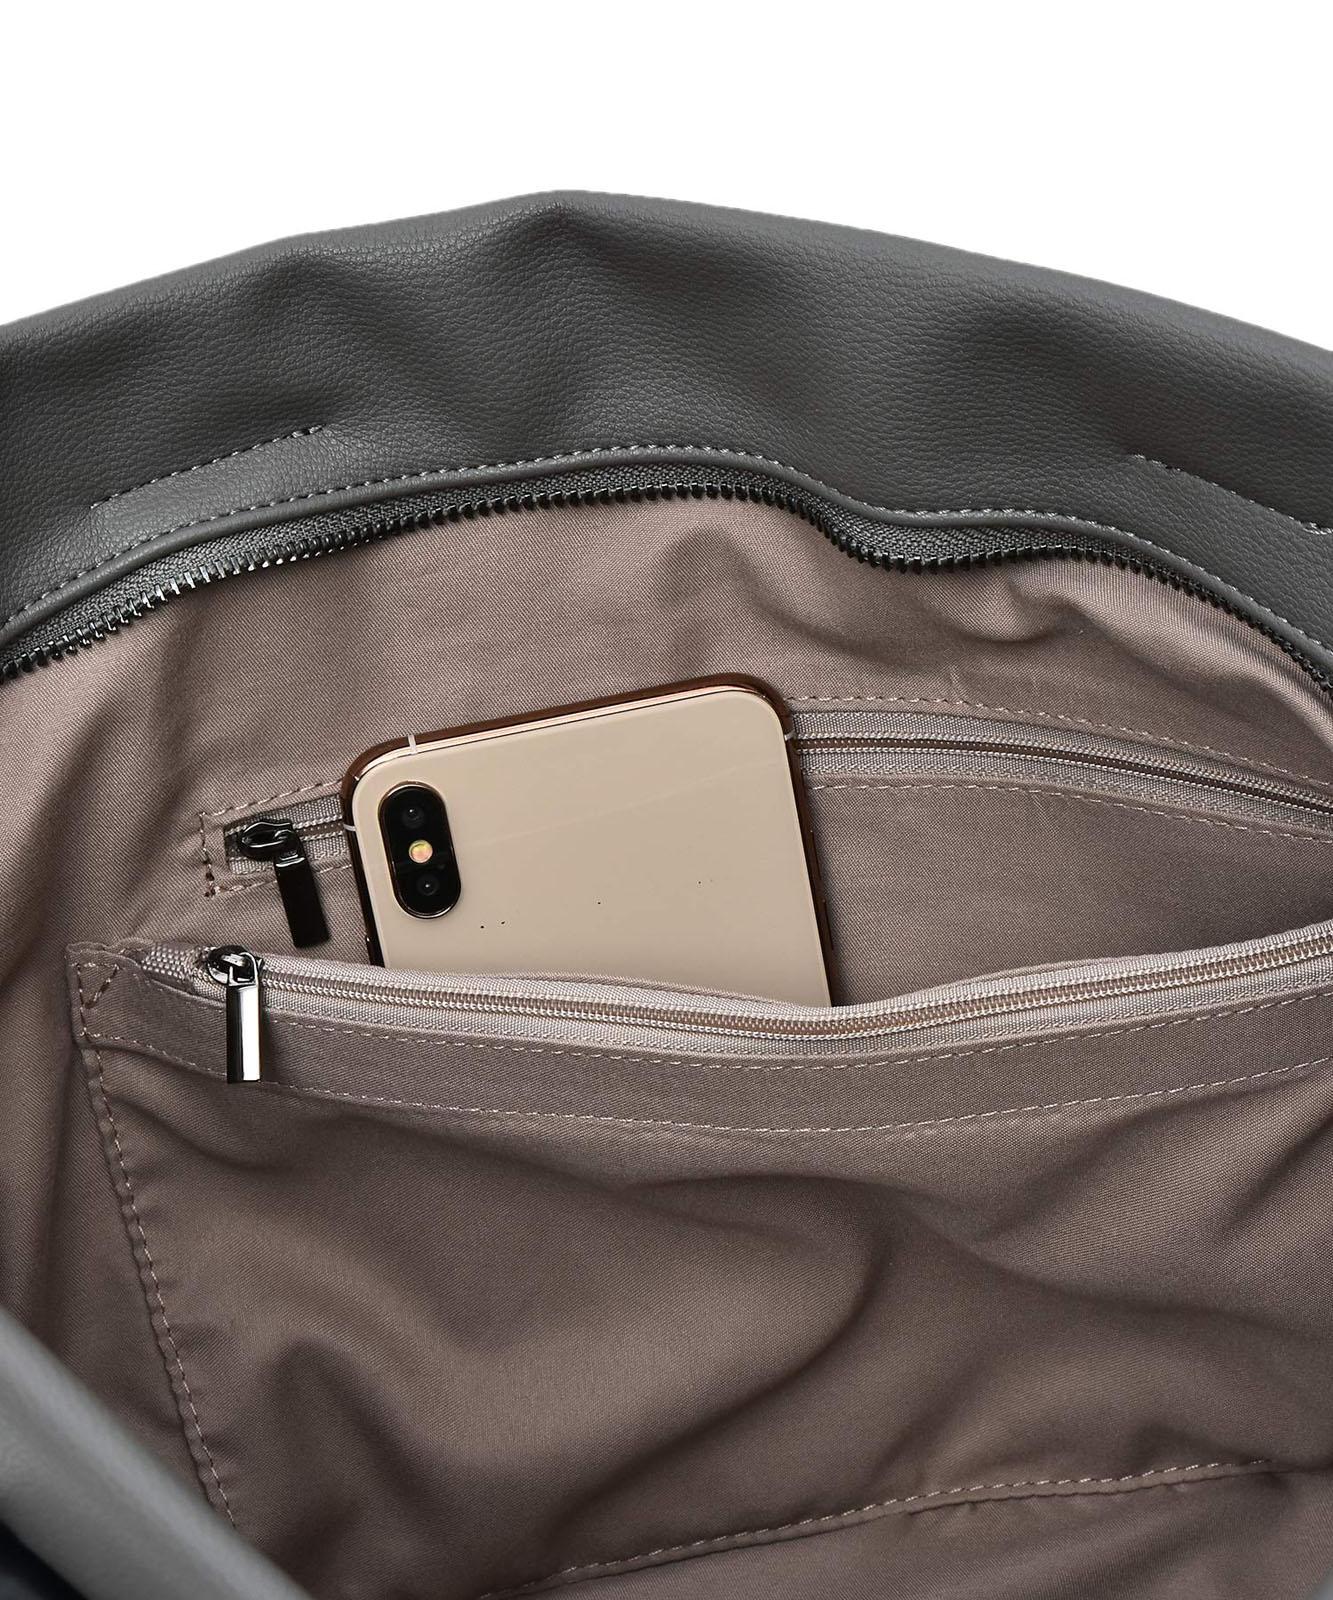 ソフトハンドルトートバッグ